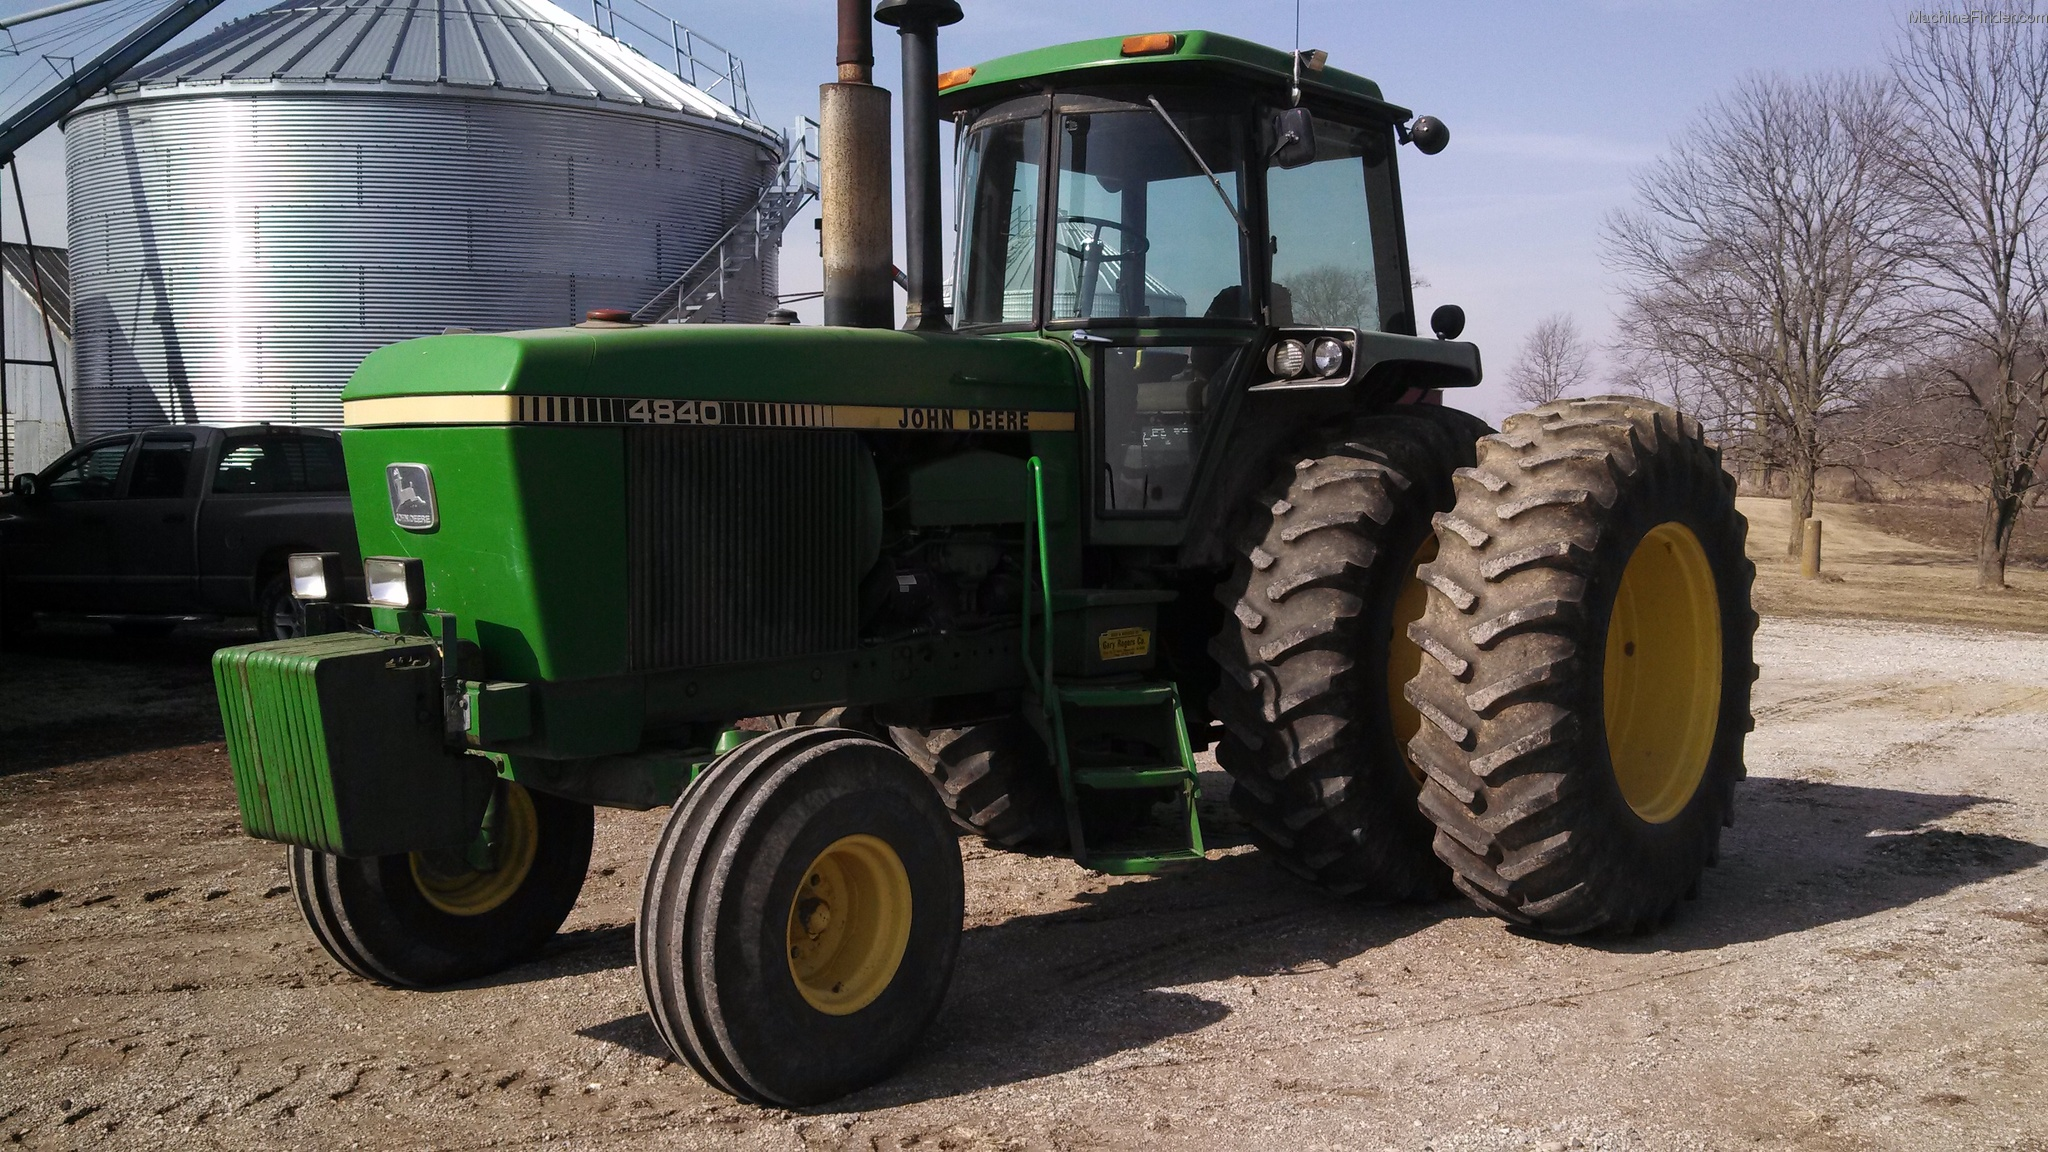 John Deere 4840 Tractors - Row Crop (+100hp) - John Deere ...